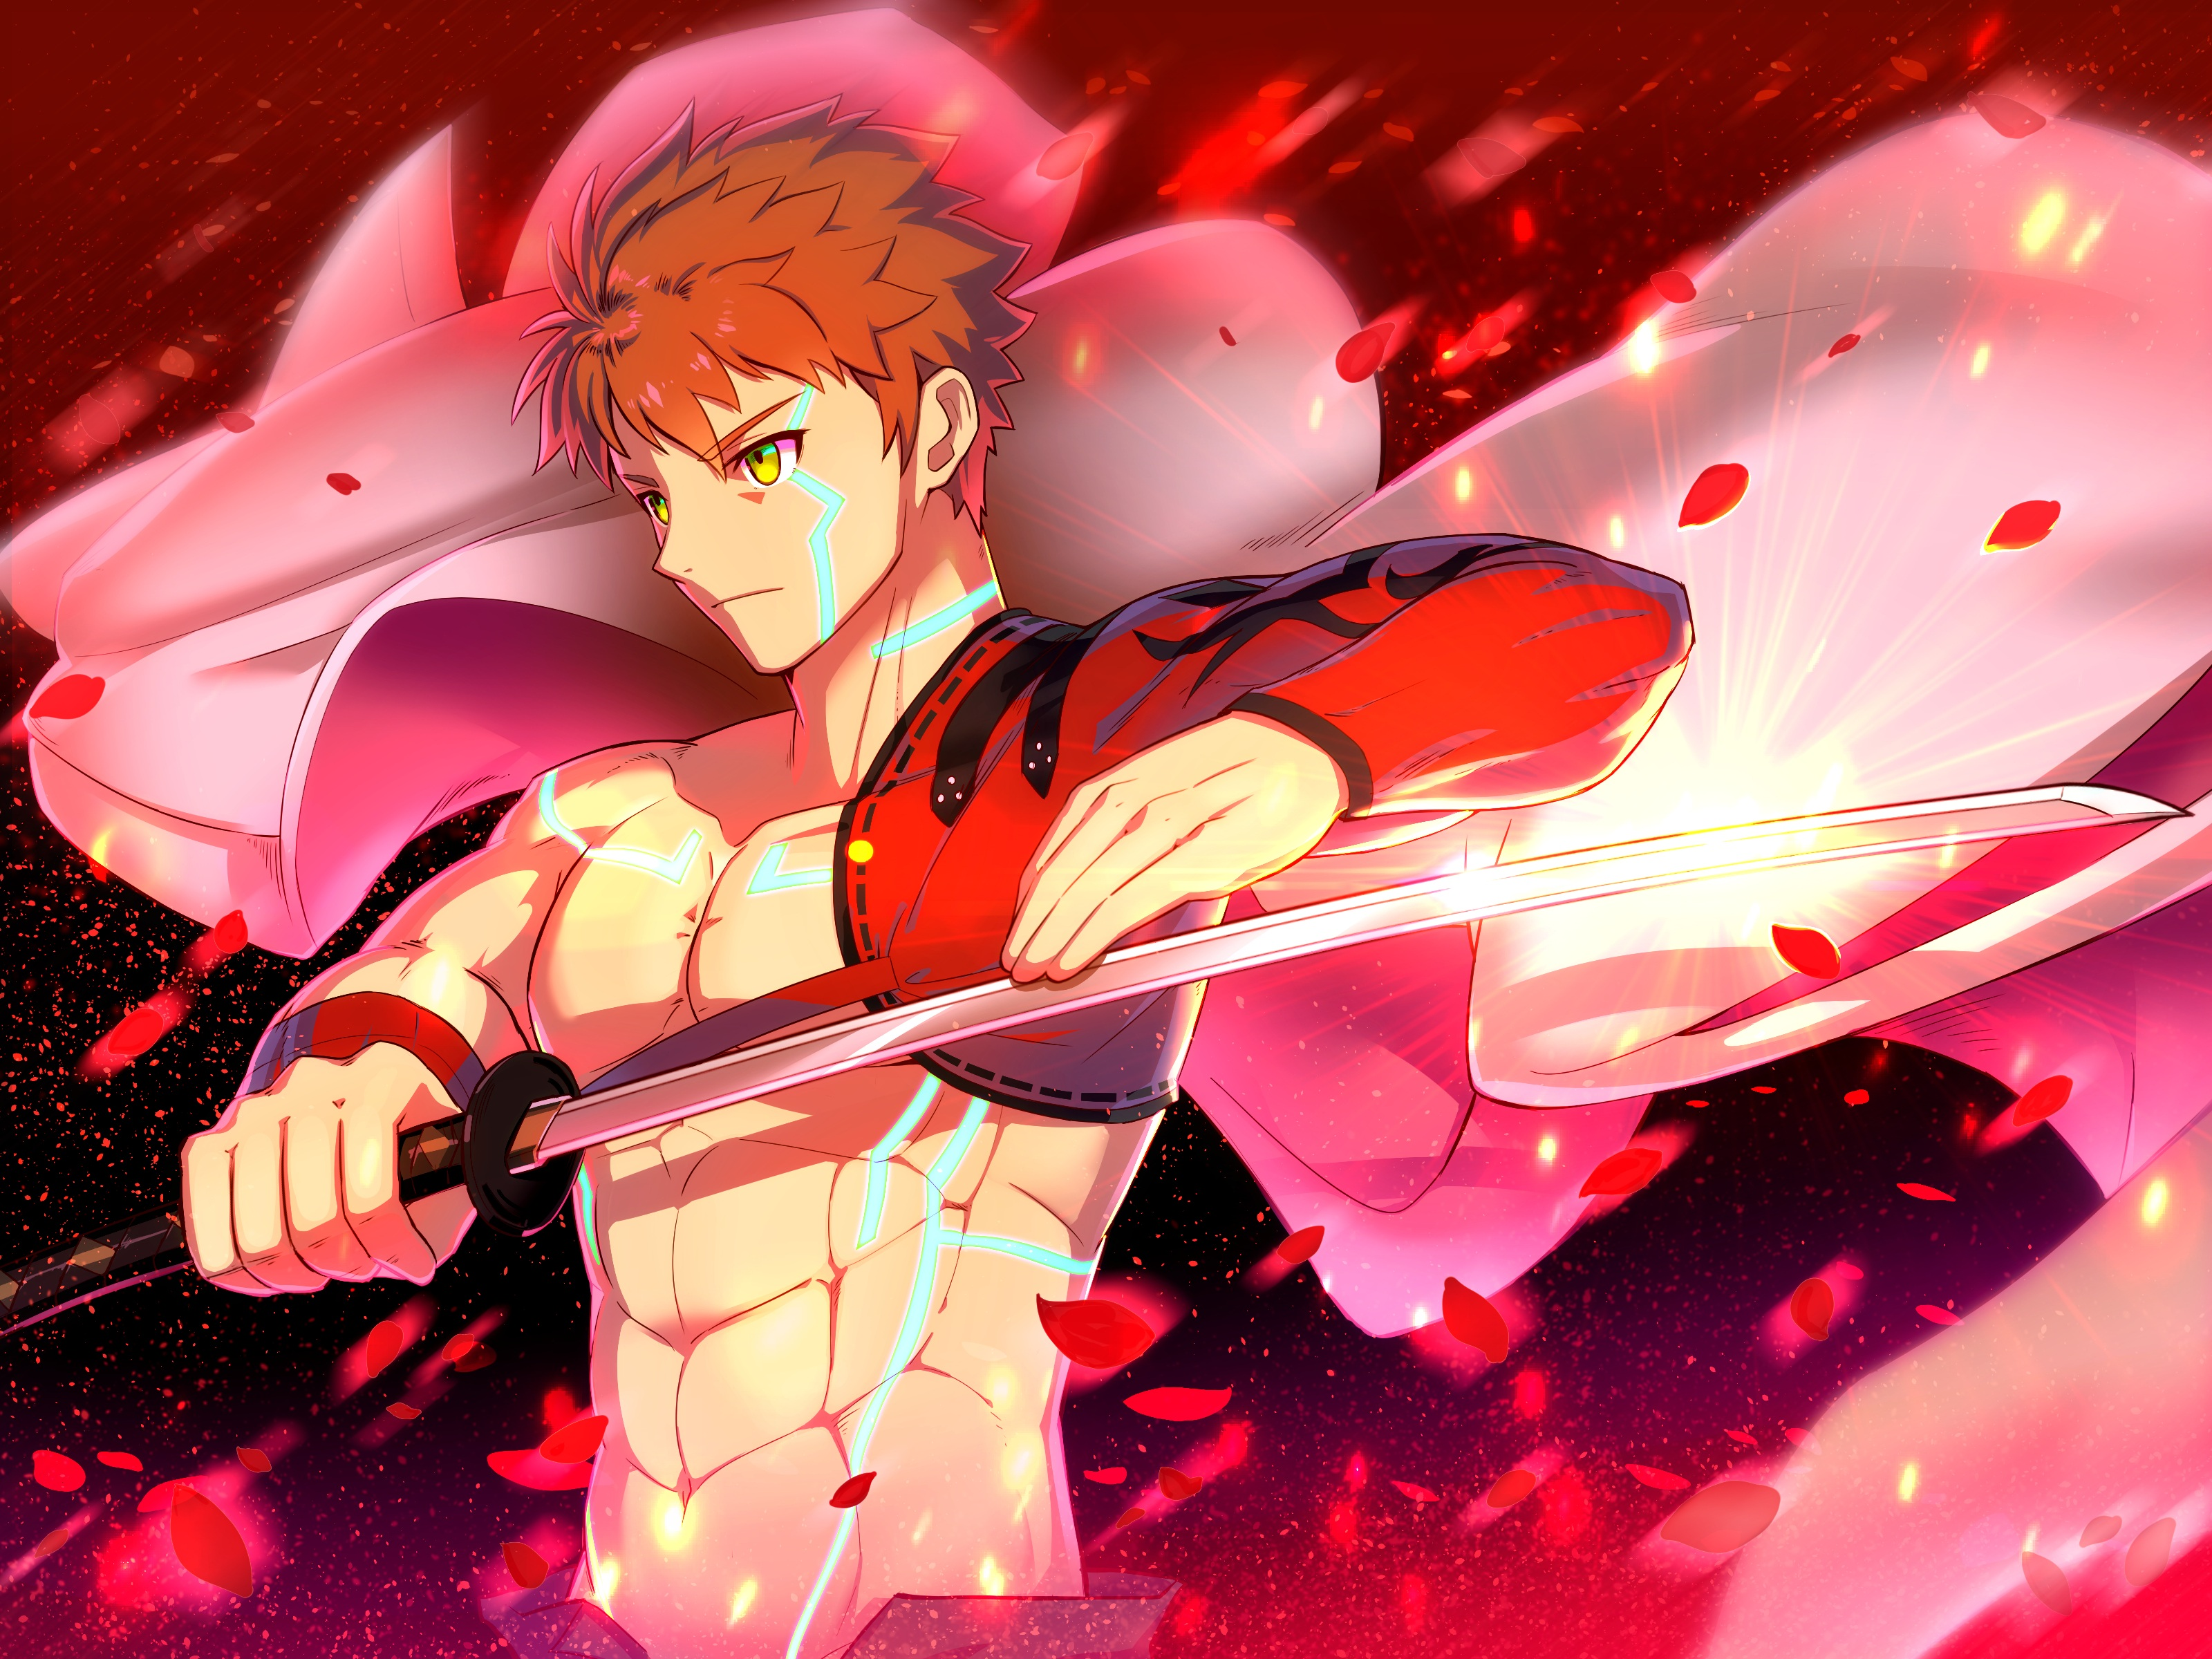 Saber Fate Series Senji Muramasa Shirou Emiya 3200x2400